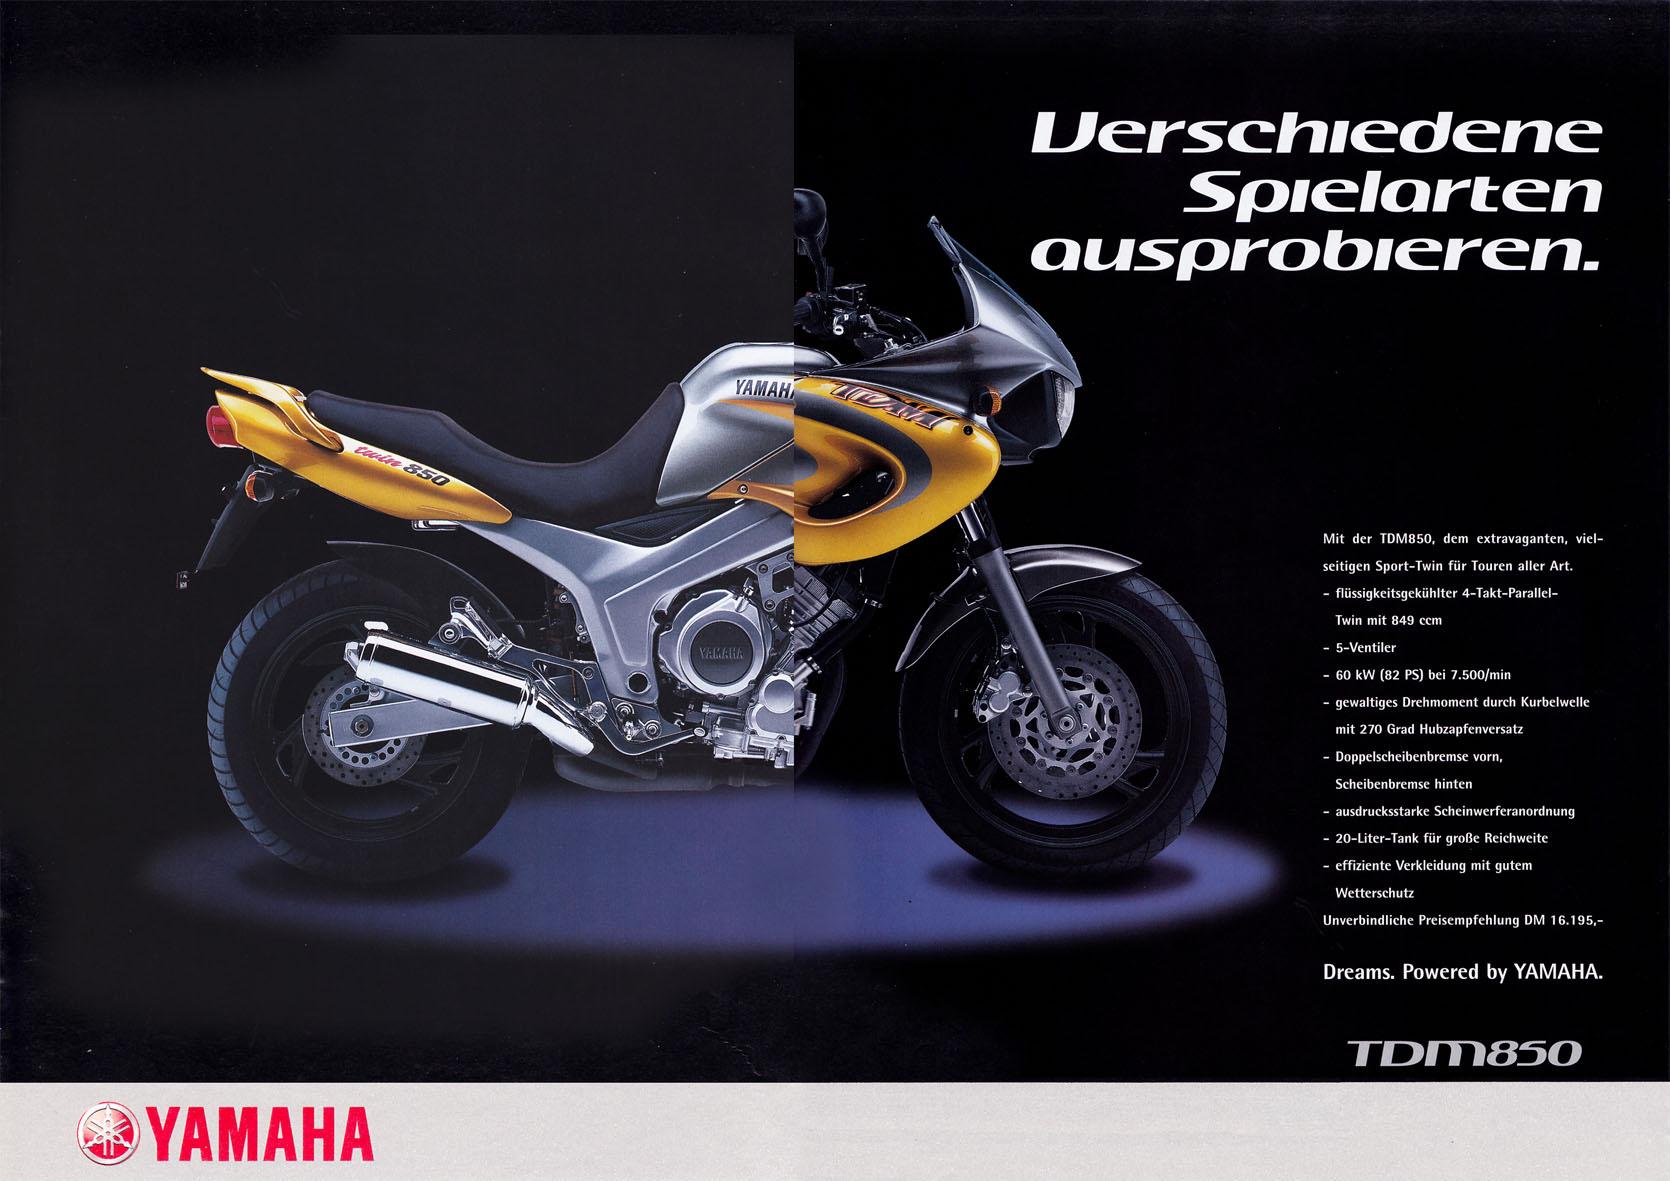 Yamaha Beileger: Fremdgehen leicht gemacht - Uwe Groß (Konzept/Text)